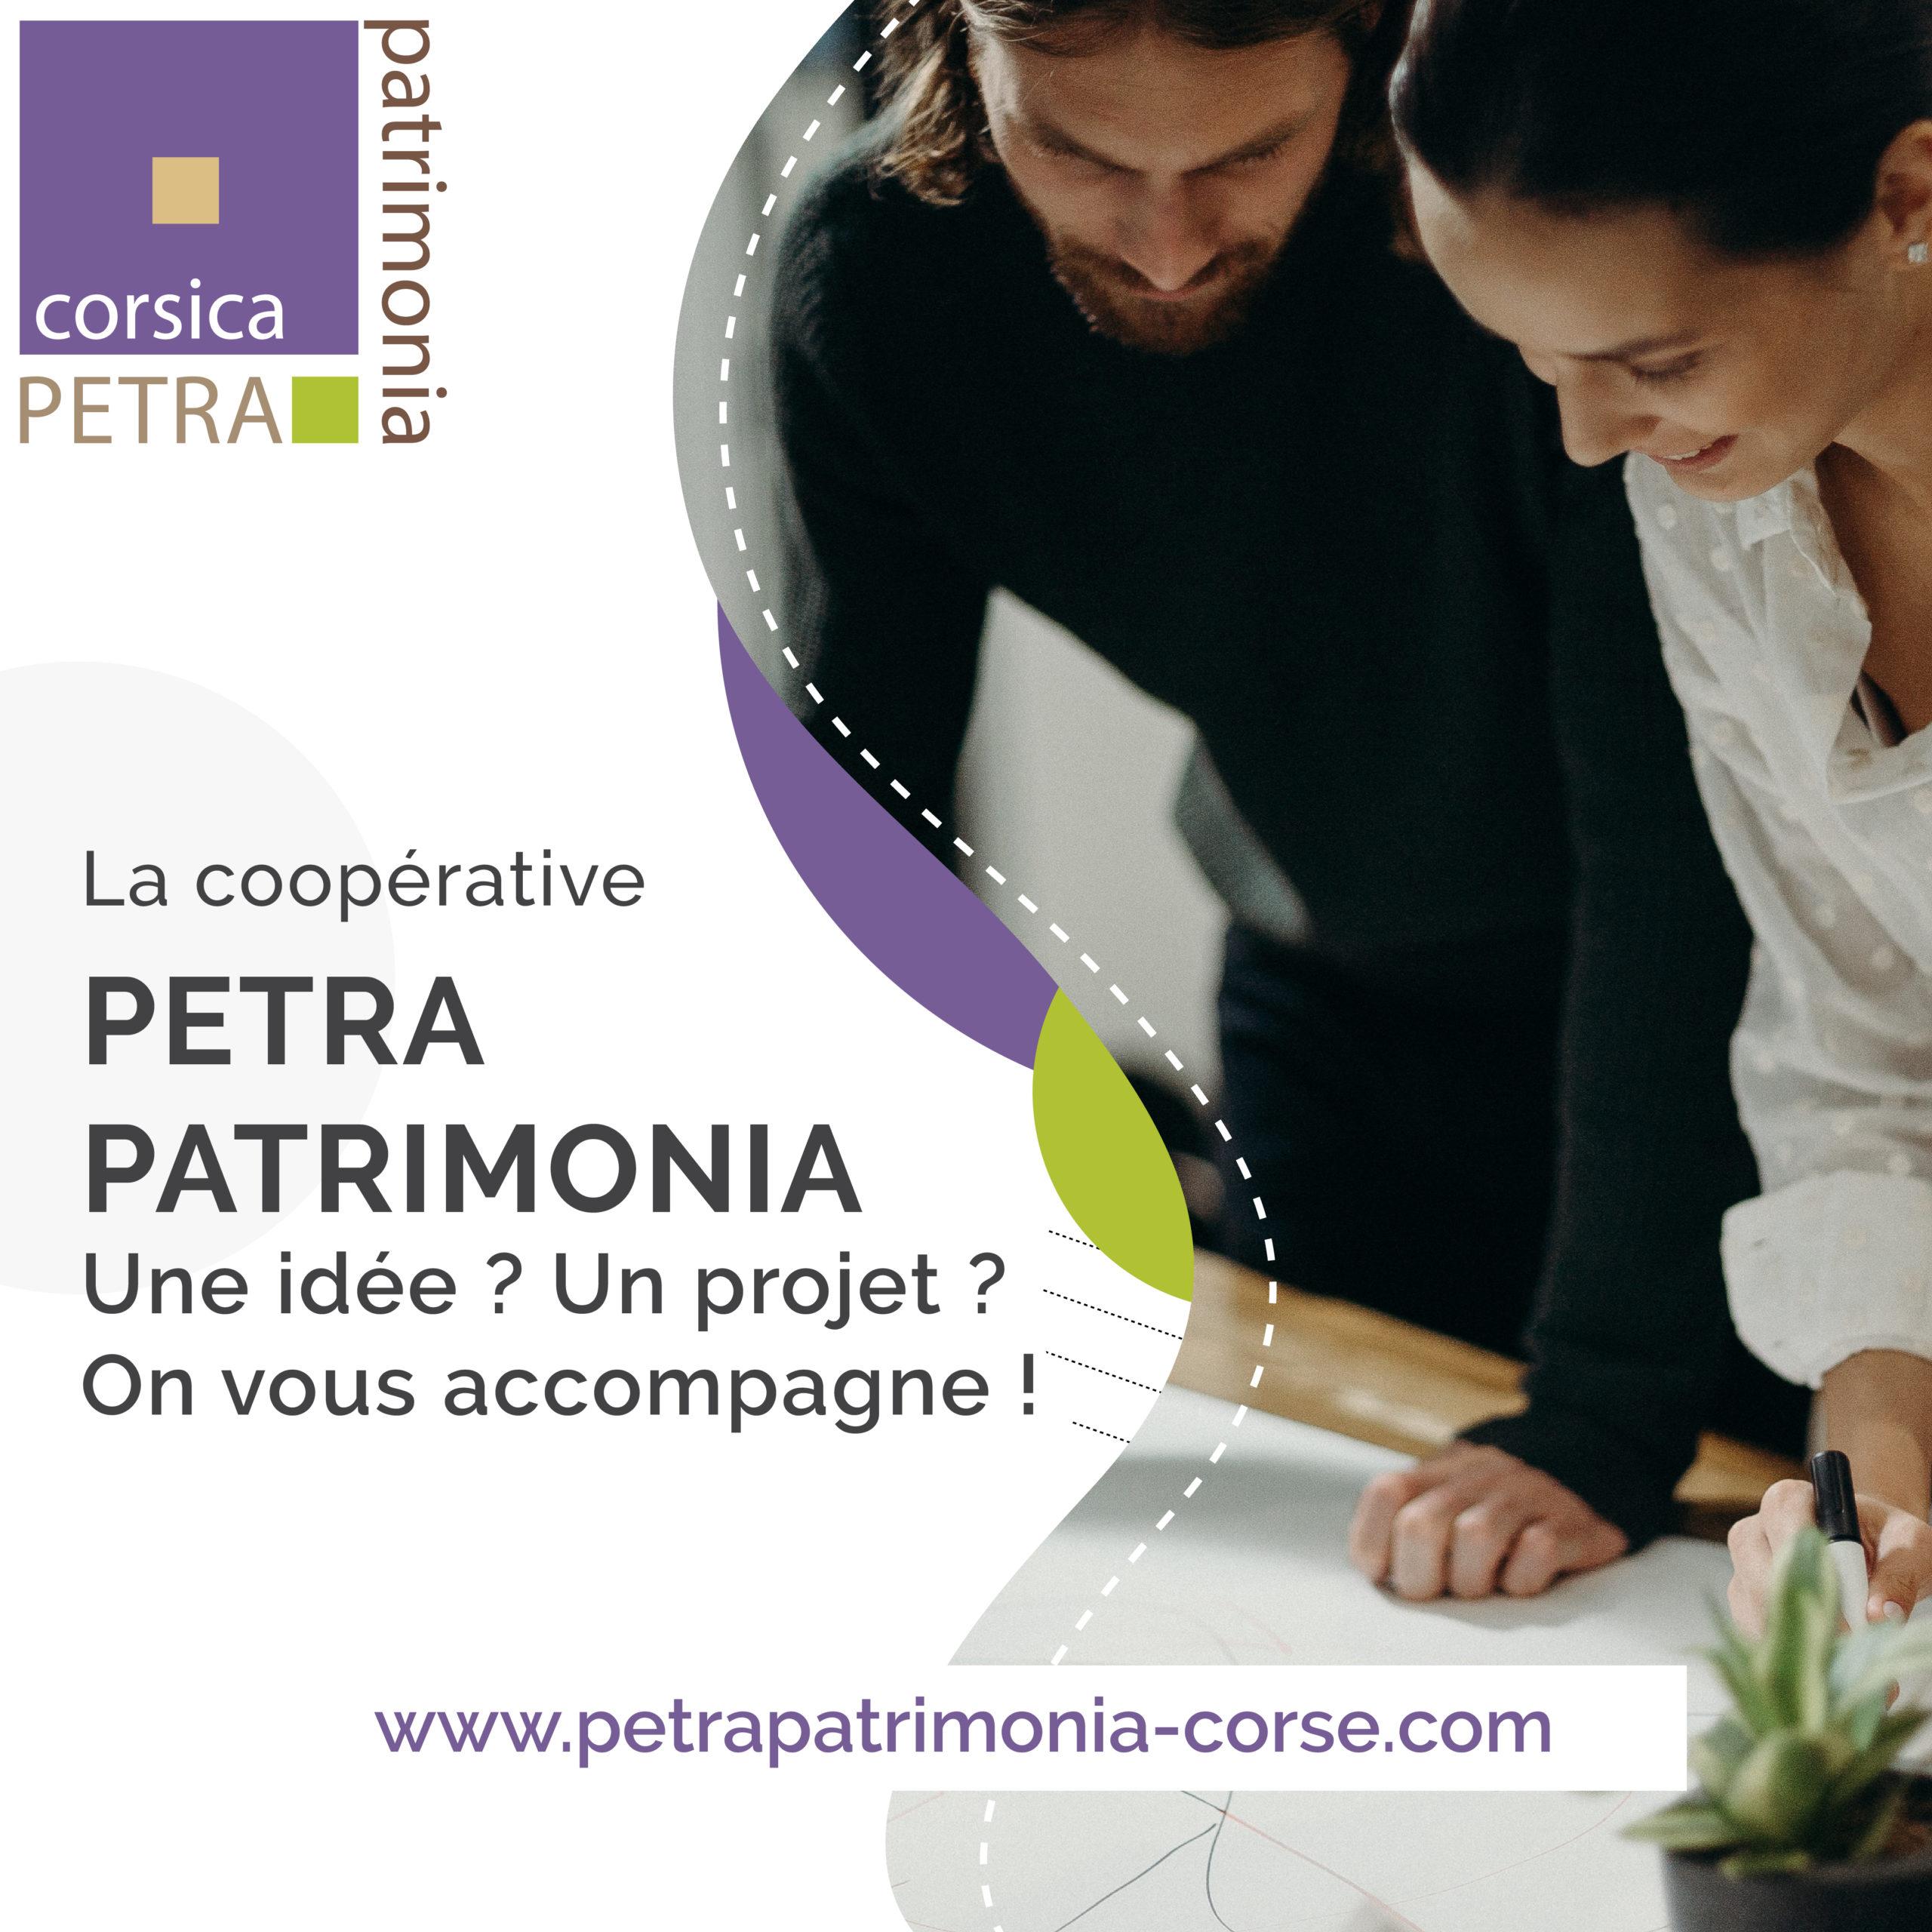 Photo Petra Patrimonia